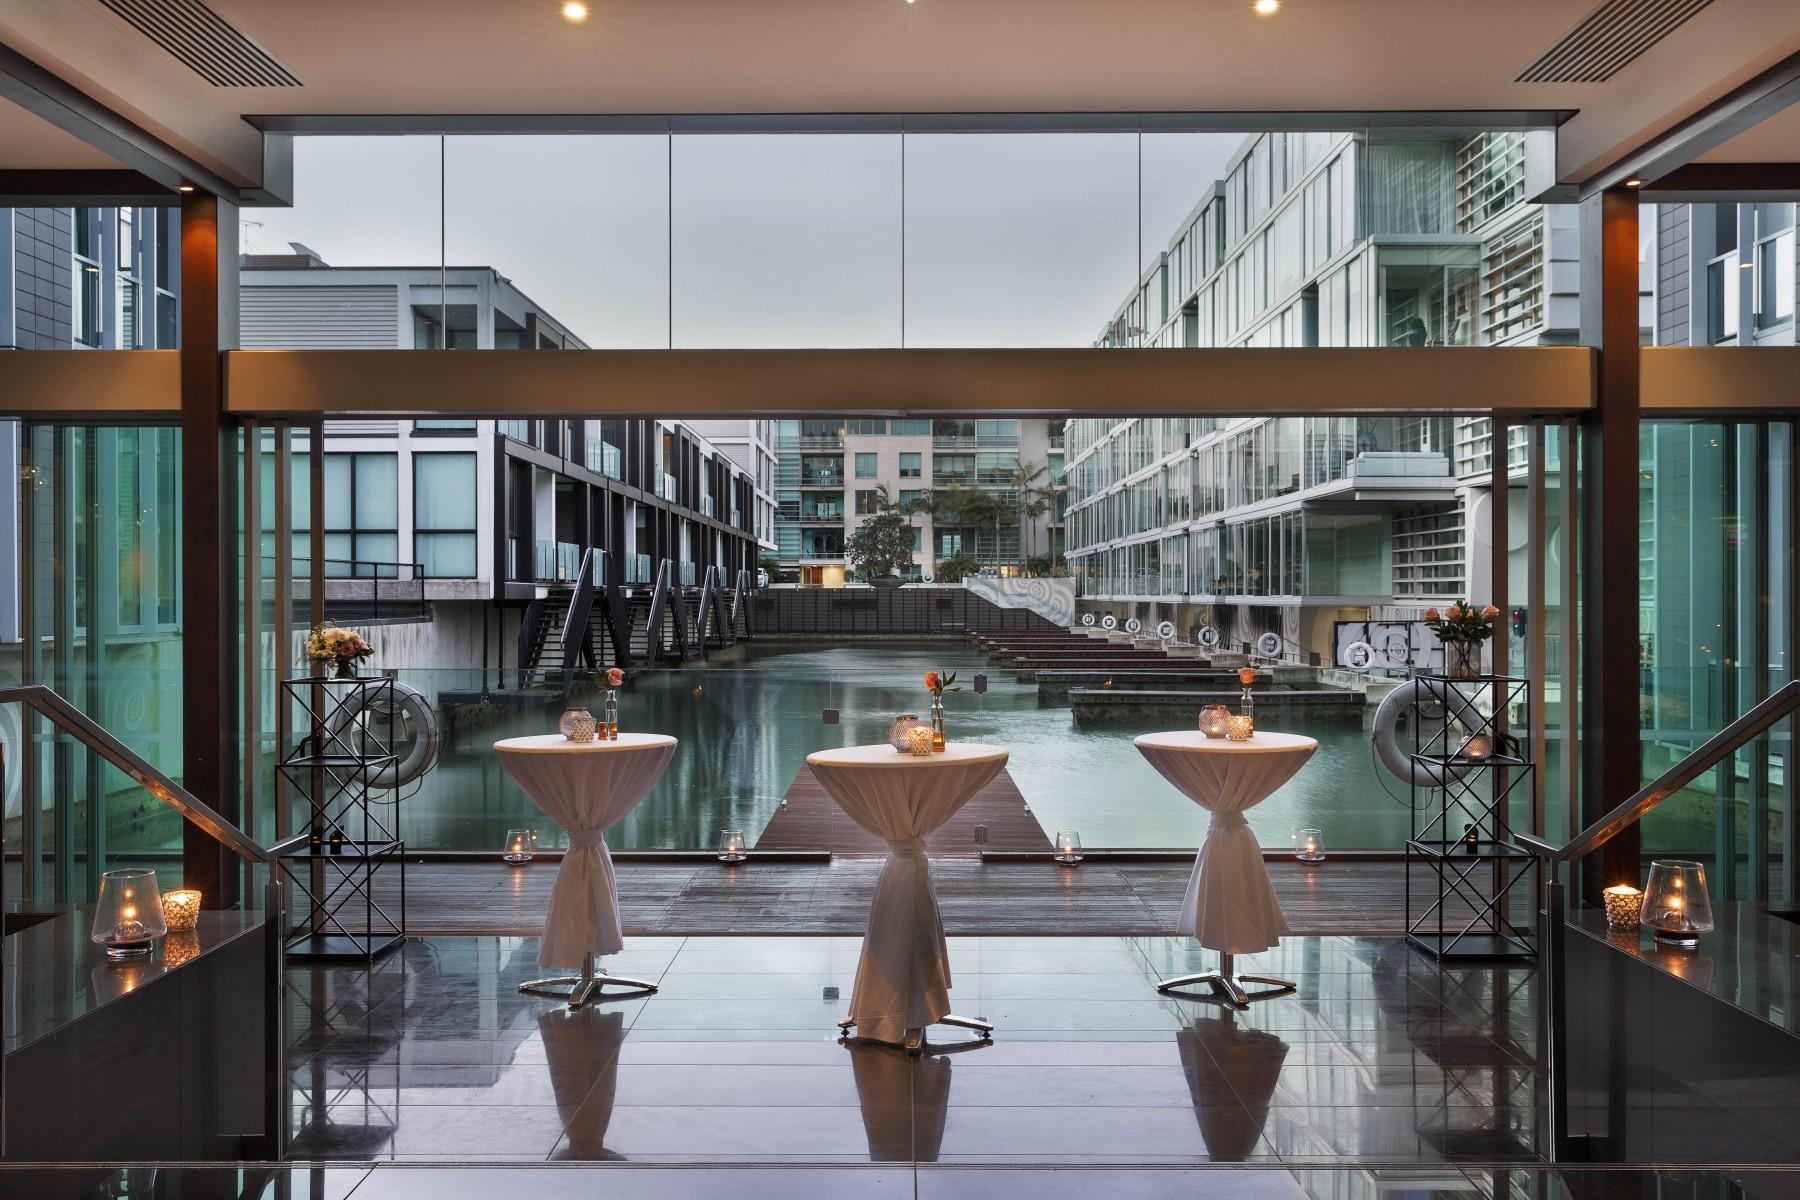 Marina-Terrace-Cocktail-Set-up-2MB.jpg